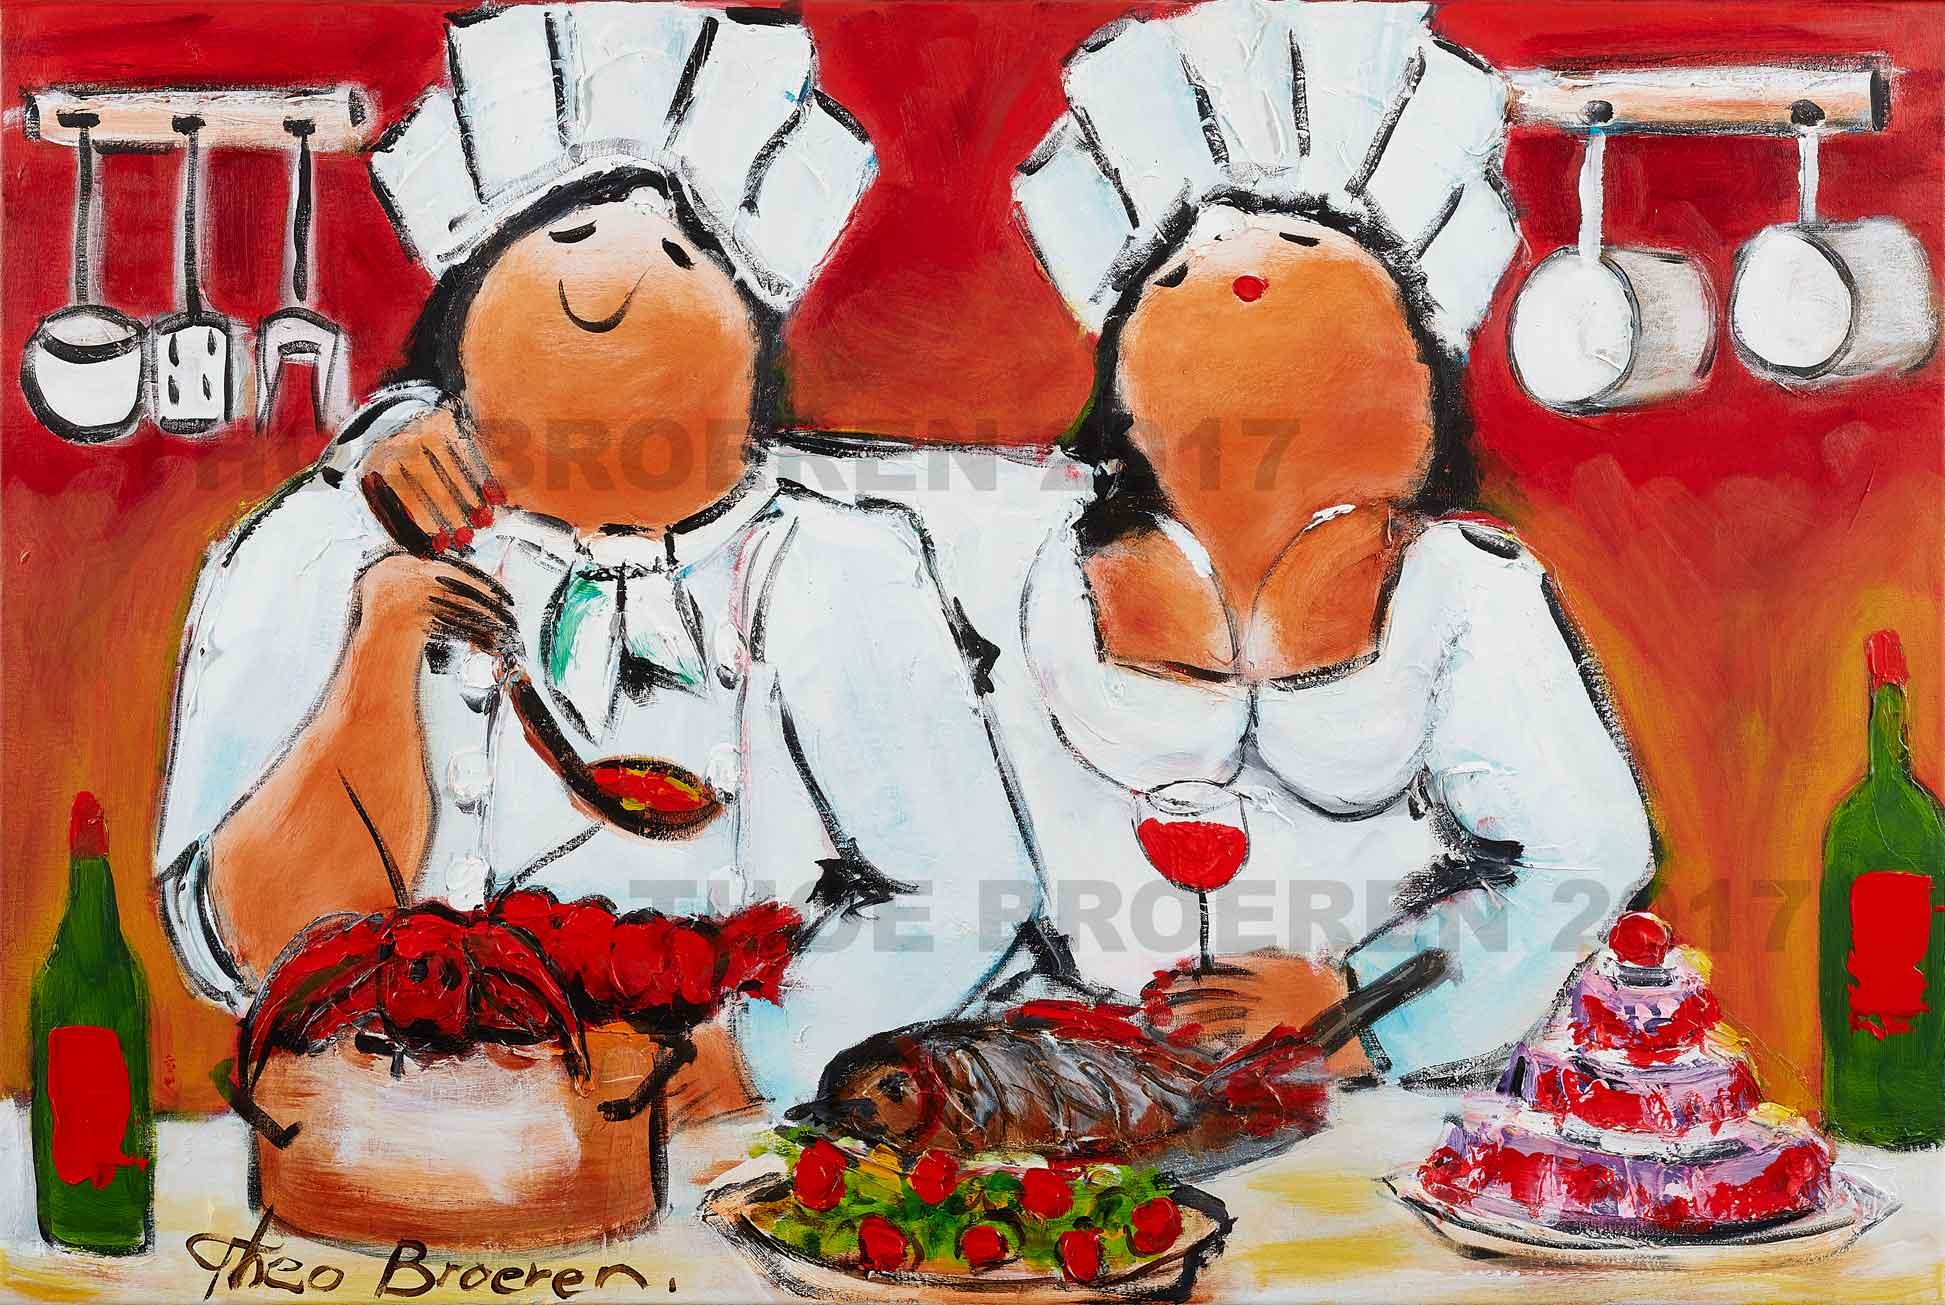 Schilderij-theo broeren haute cuisine